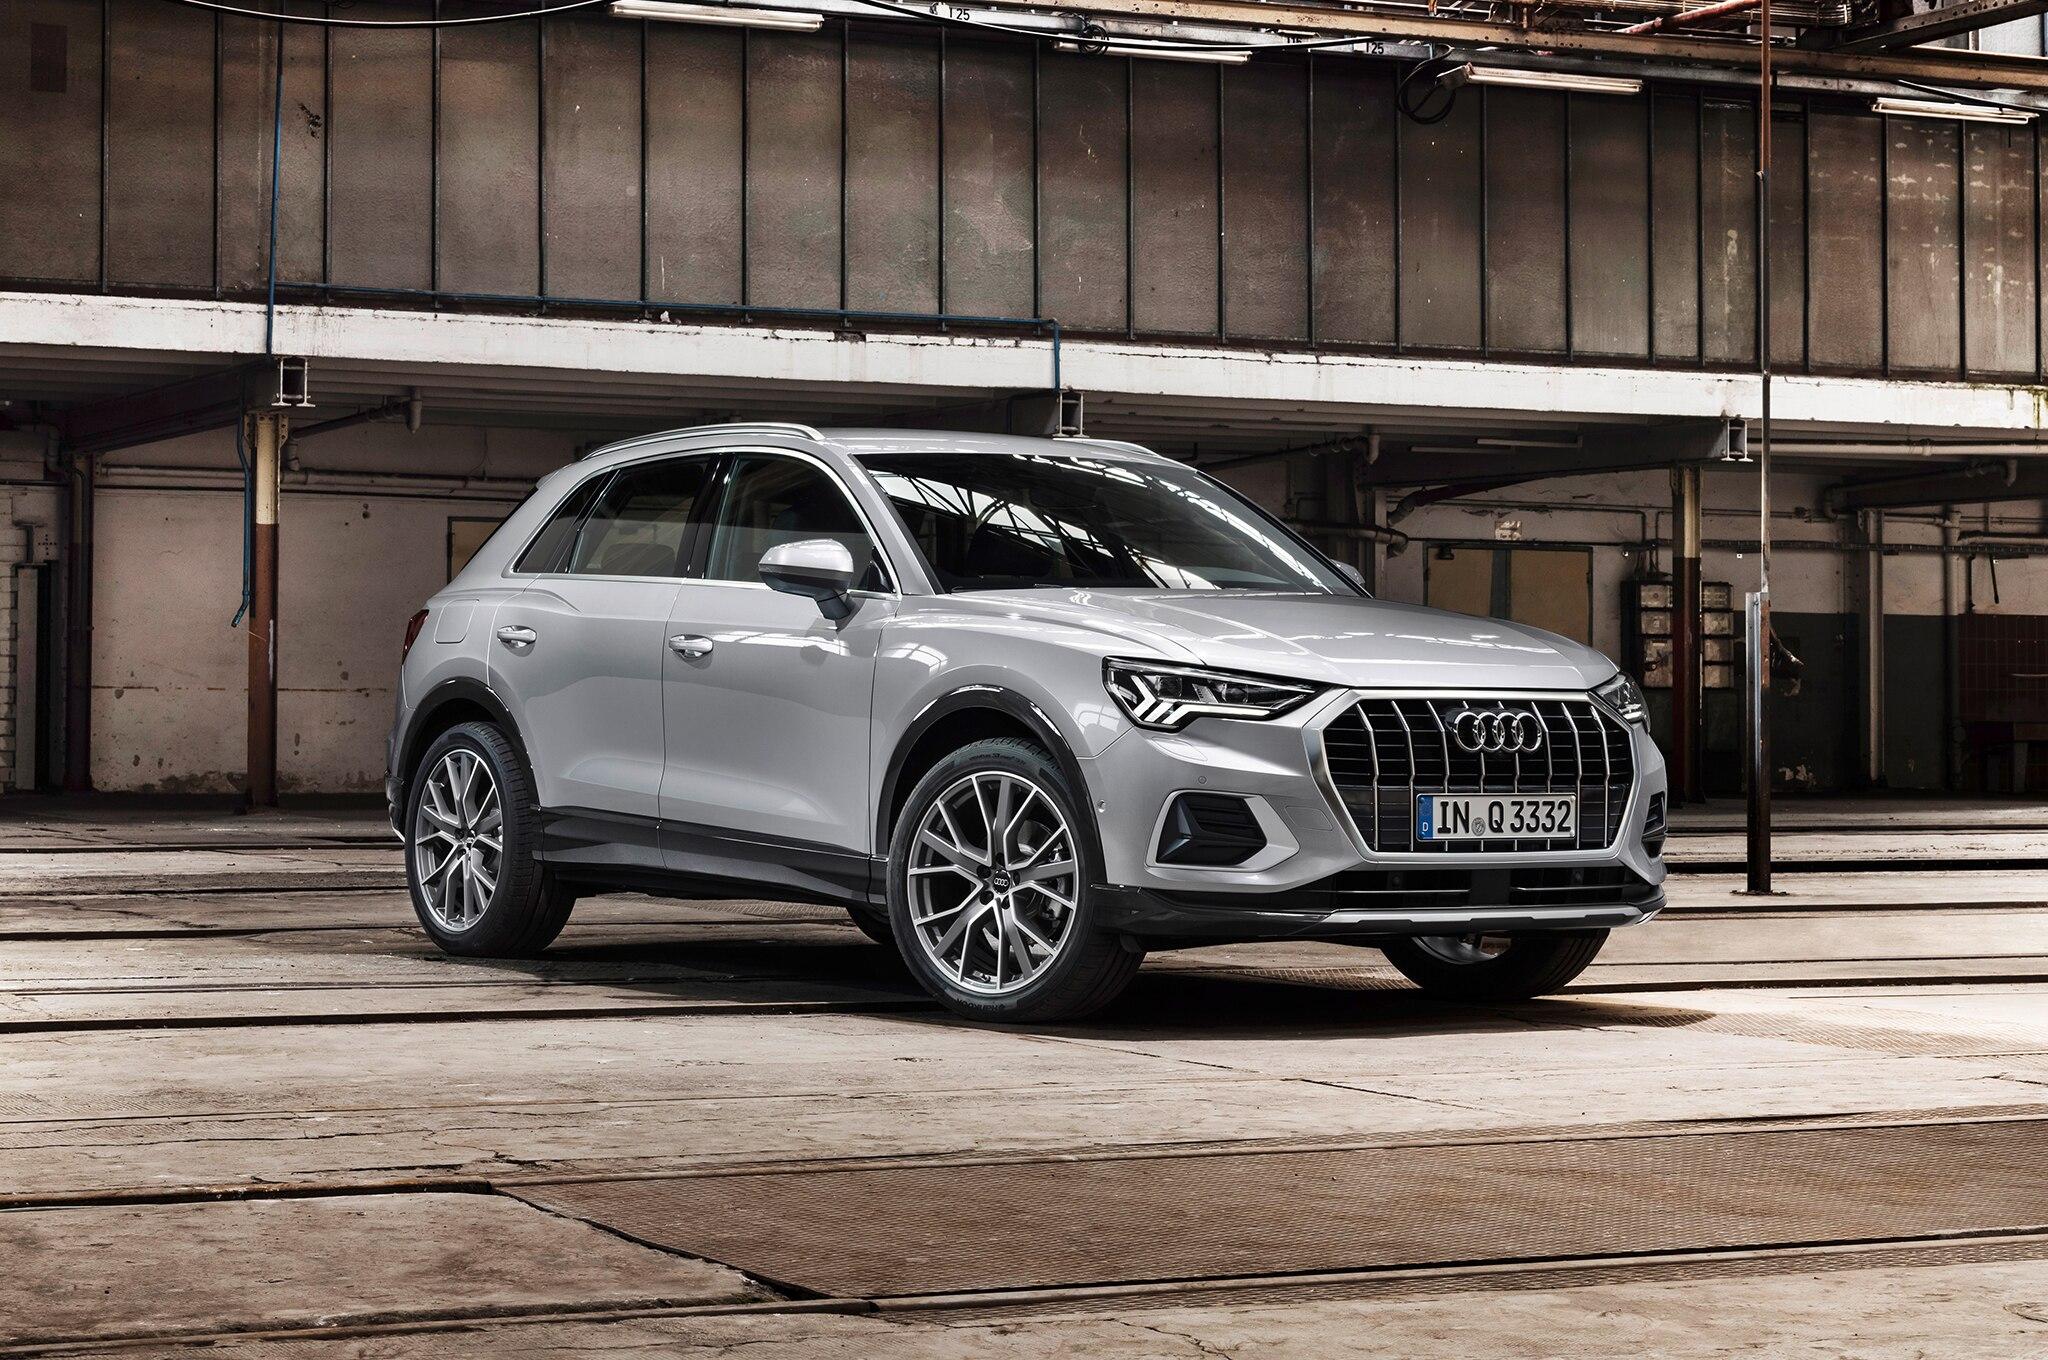 2019 Audi Q3 Front Three Quarter 04